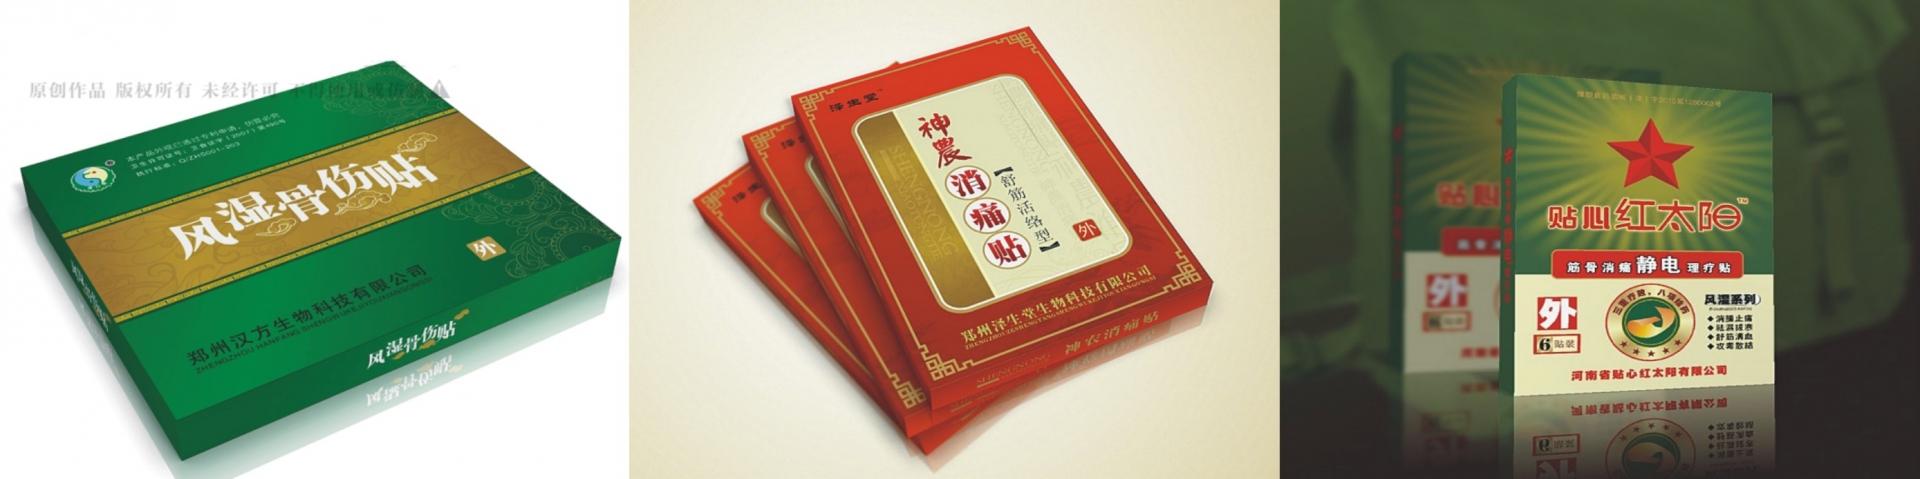 郑州纸箱生厂家|郑州纸箱印刷厂|郑州纸箱设计|郑州